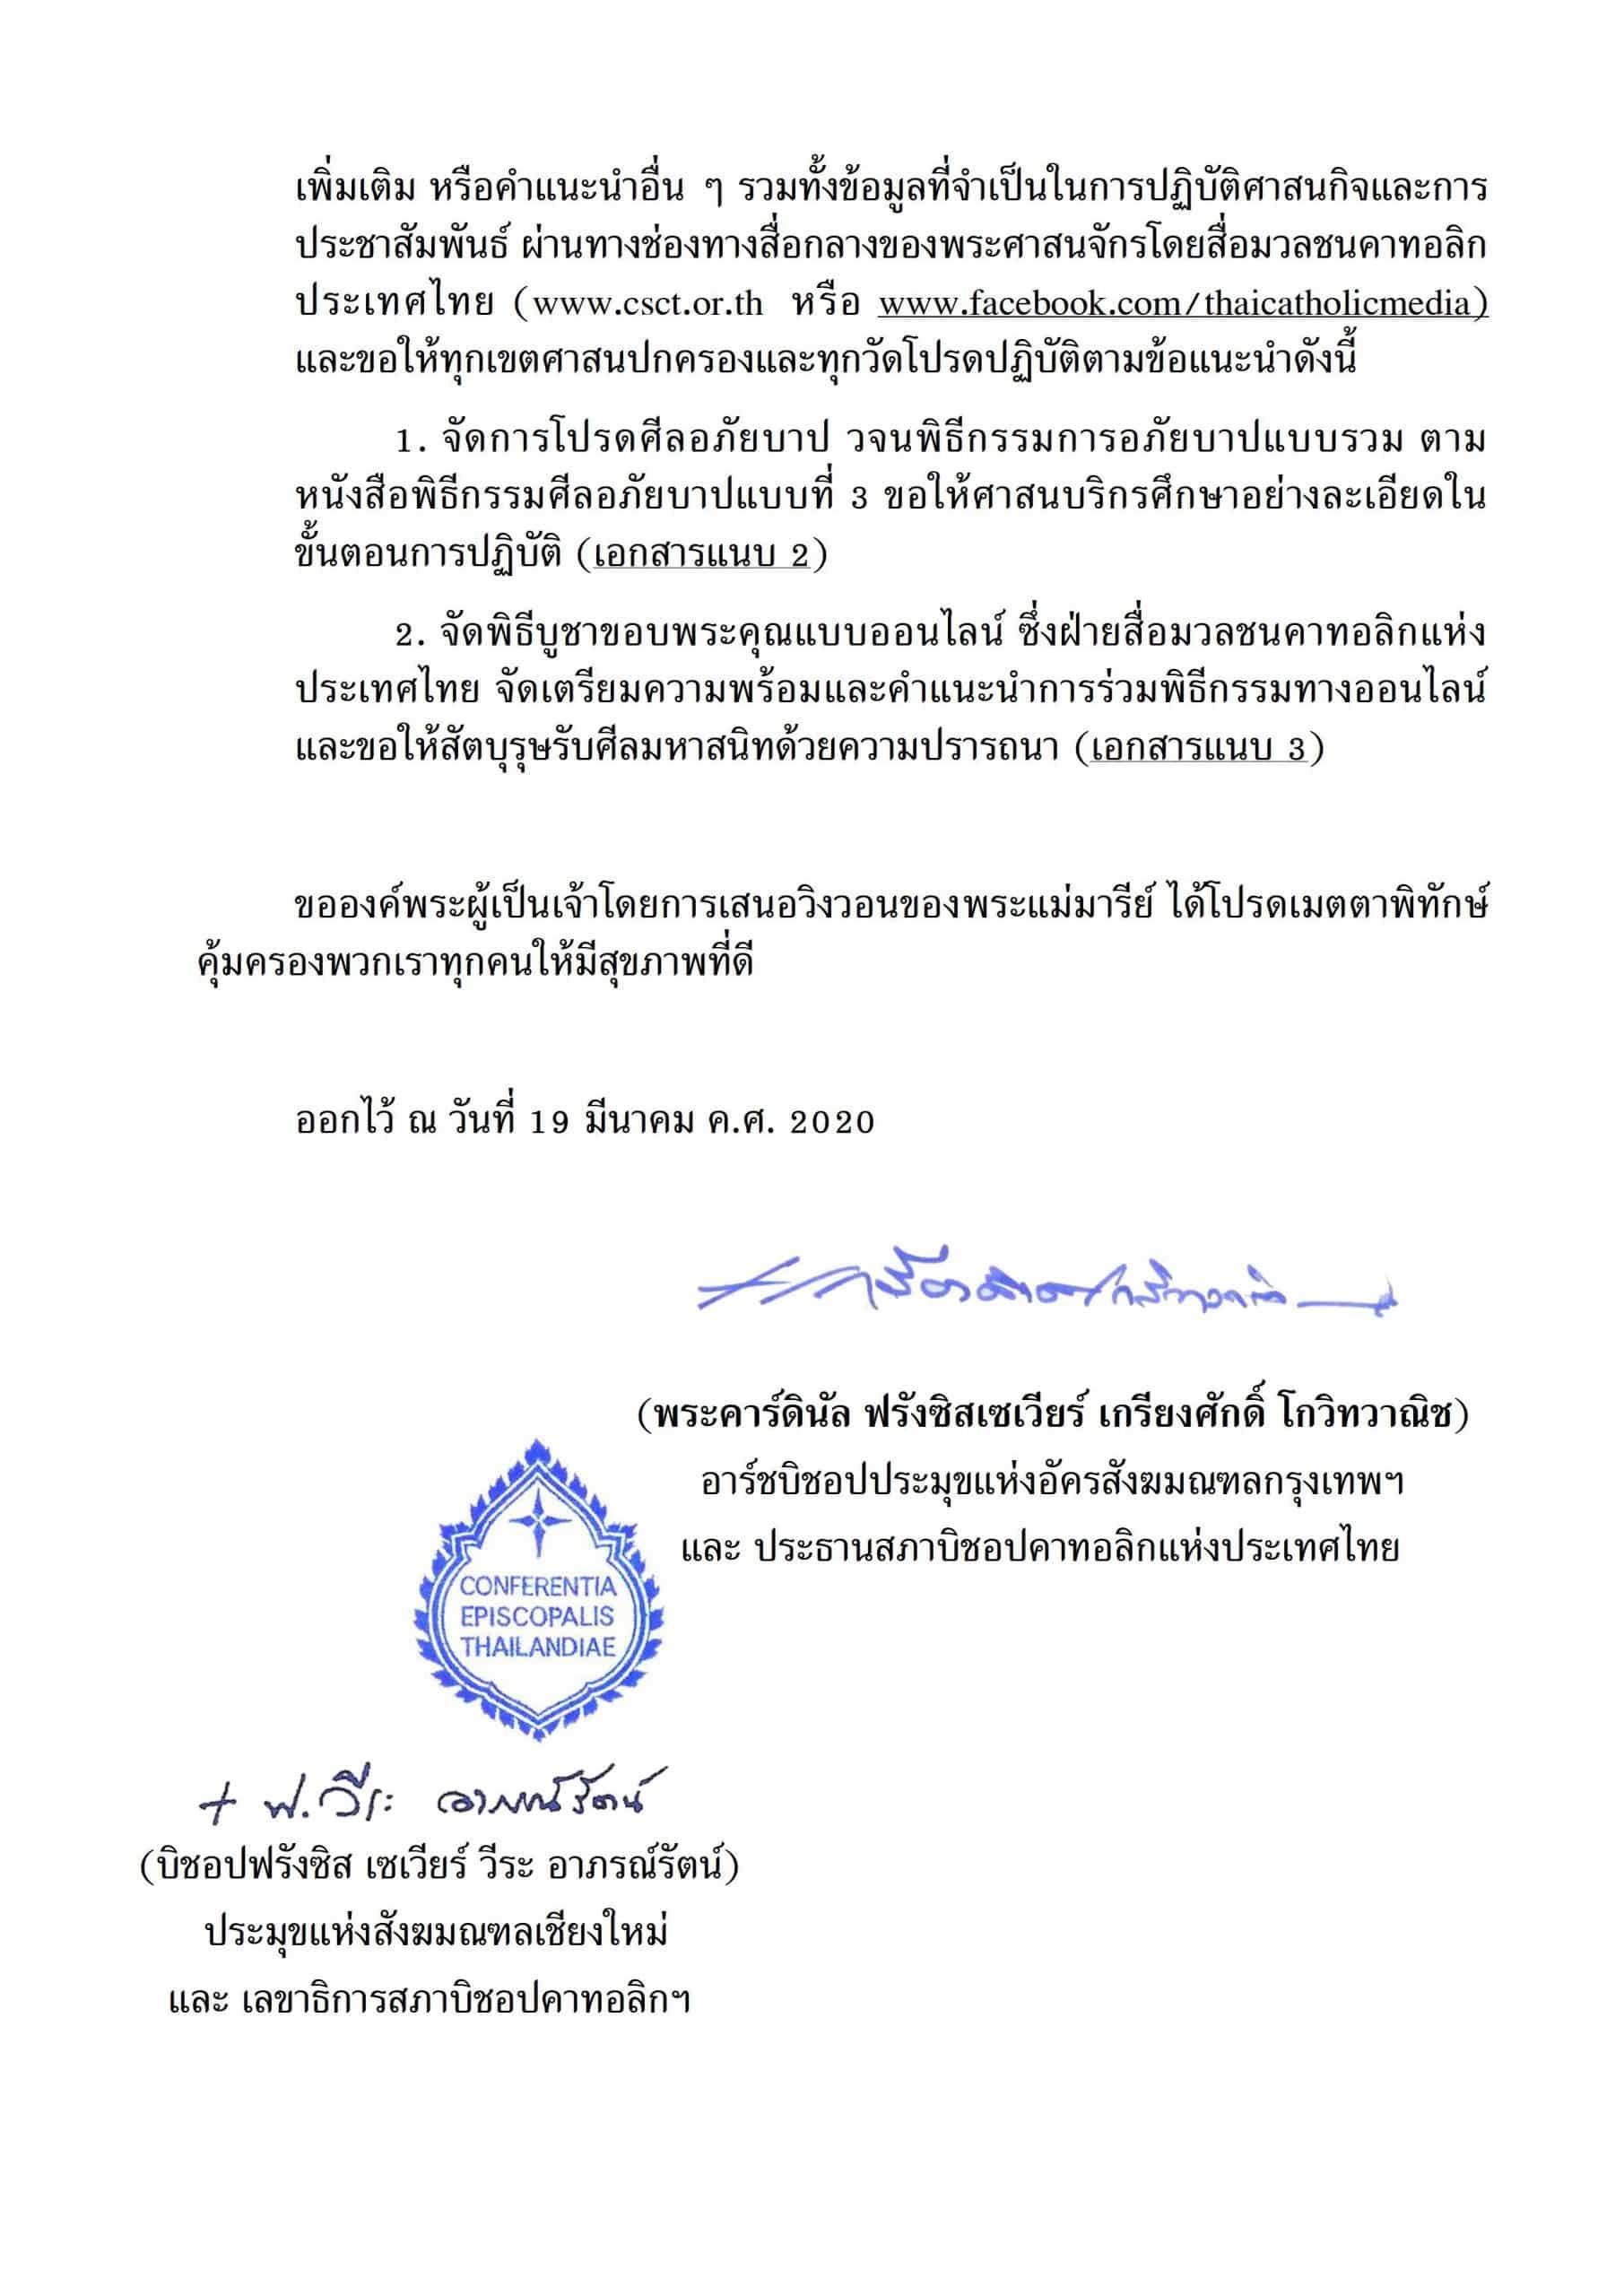 สาสน์อภิบาล เลขที่ สสท. 032-2020 (3)